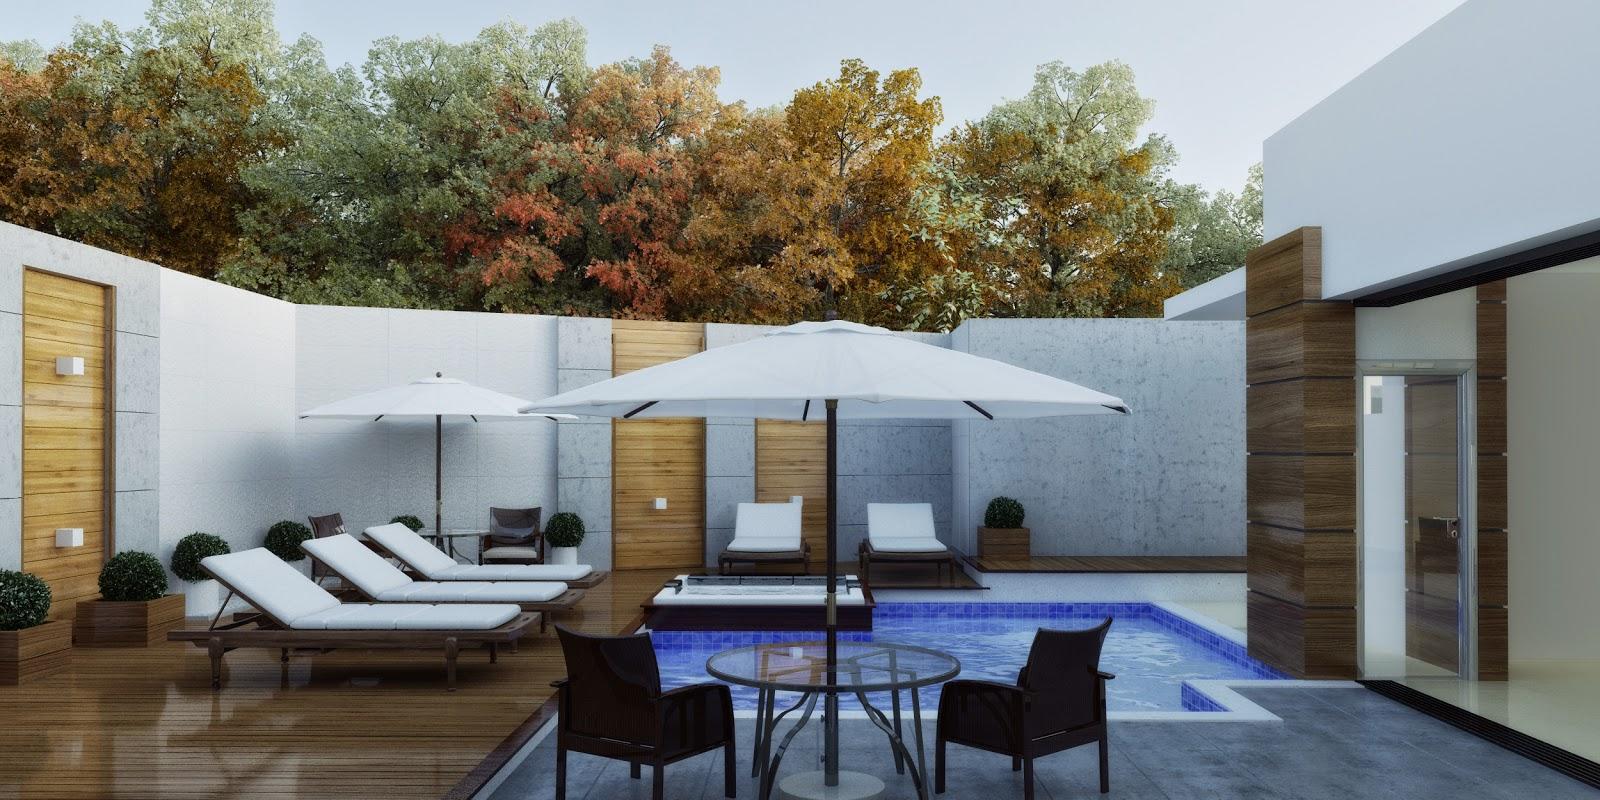 3dsul maquete eletr nica 3d casa moderna com piscina for Casa moderna piscina